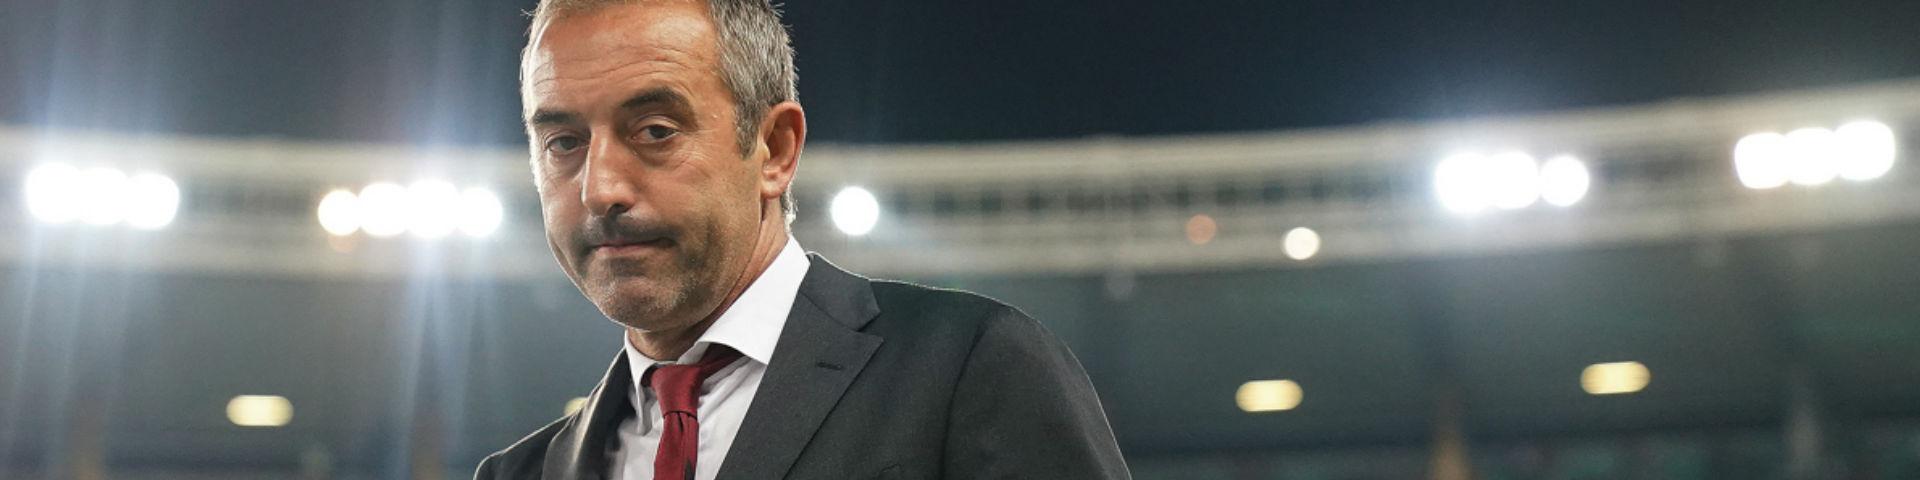 Джампаоло уволен из «Милана»